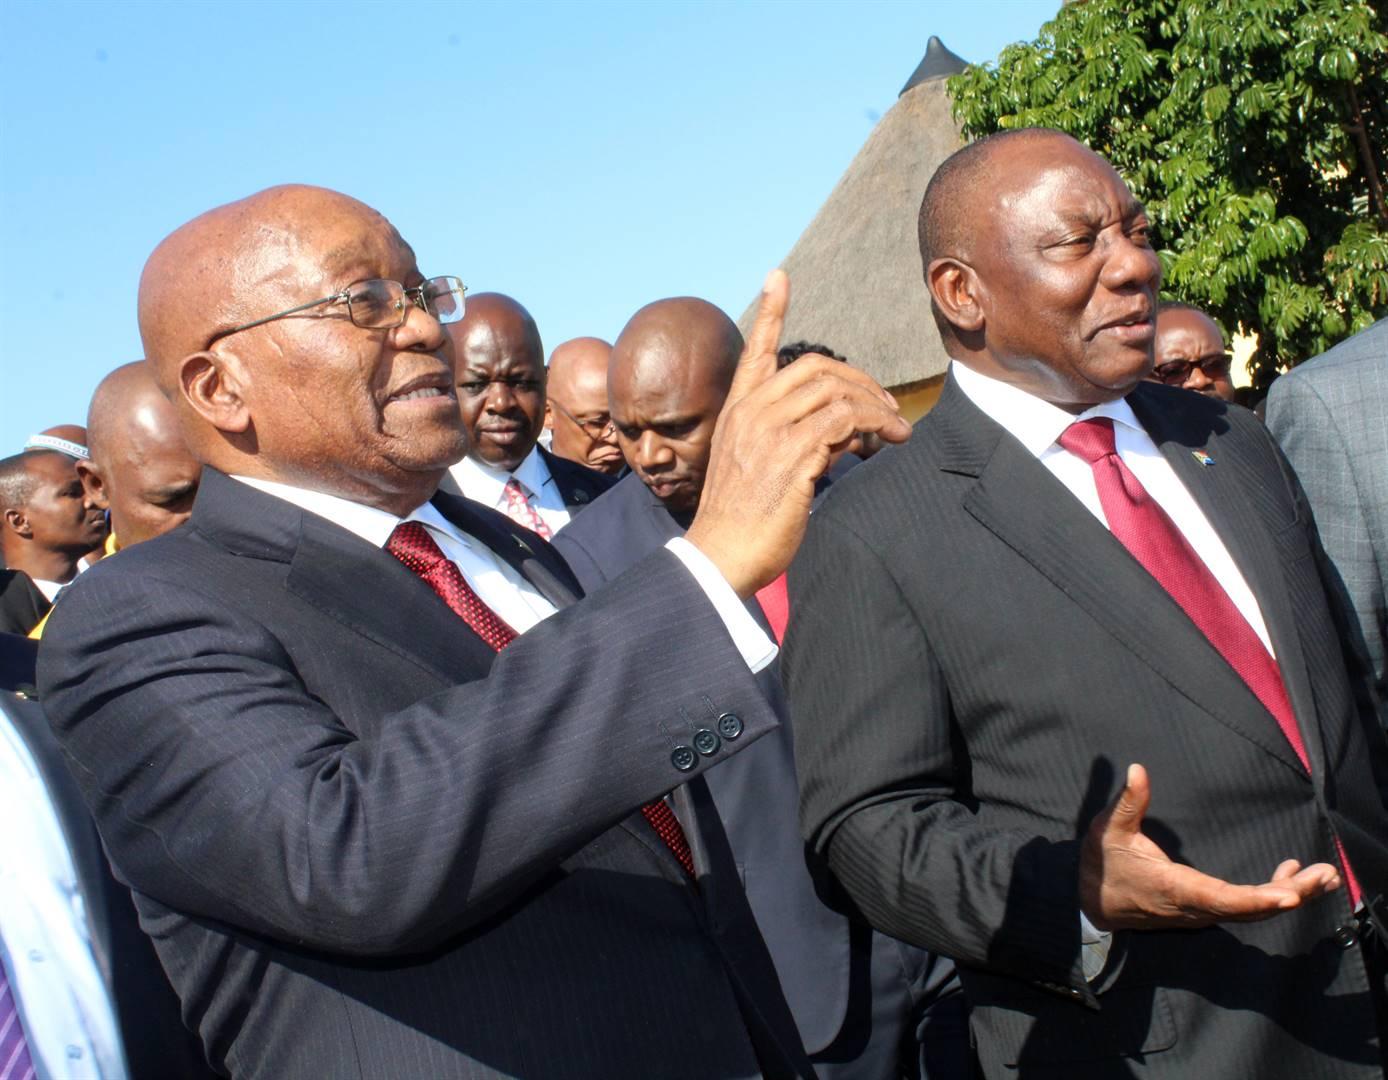 Former president Jacob Zuma and President Cyril Ramaphosa Picture: Ziyanda Zweni